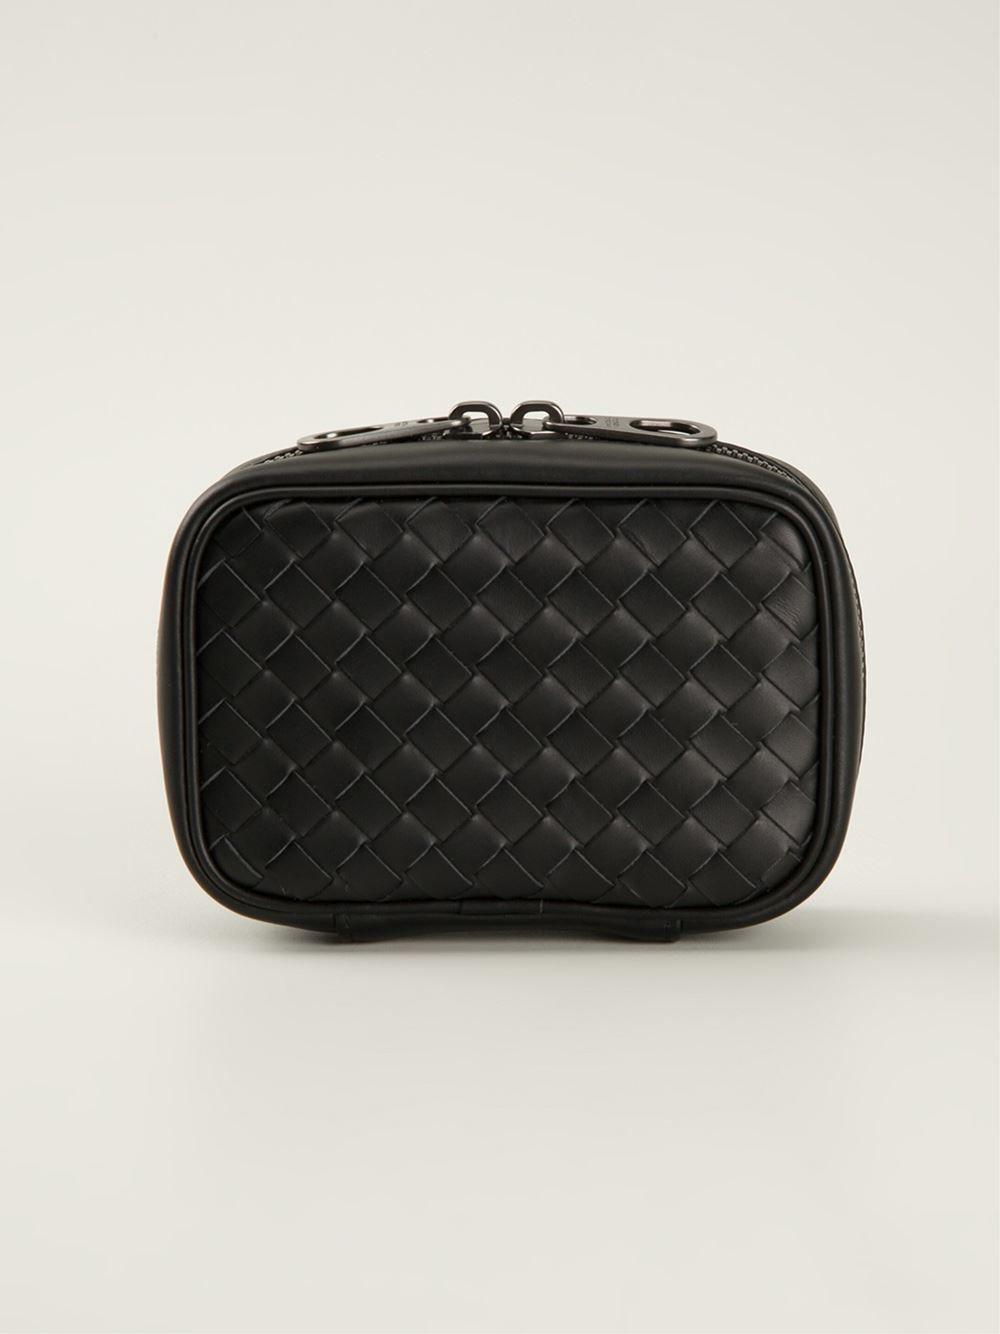 9cfeaa3fc526 Bottega Veneta Intrecciato Wash Bag in Black for Men